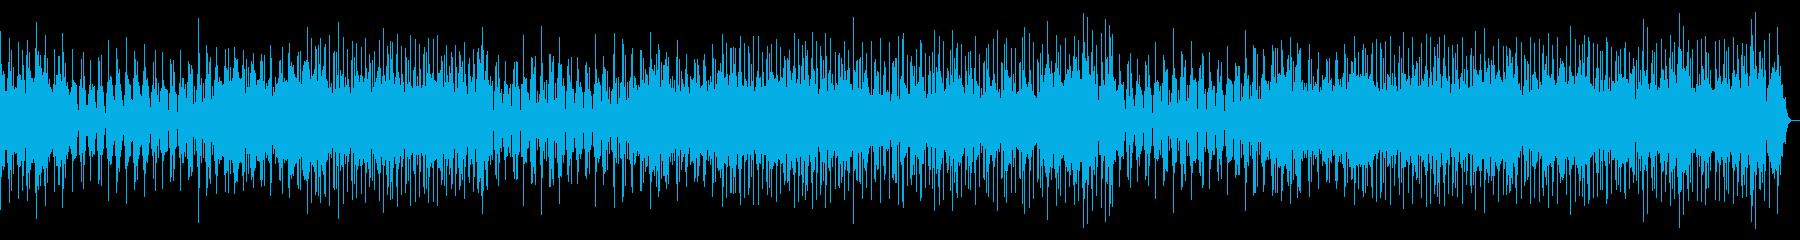 ヴァイオリンの軽快なメロディの再生済みの波形